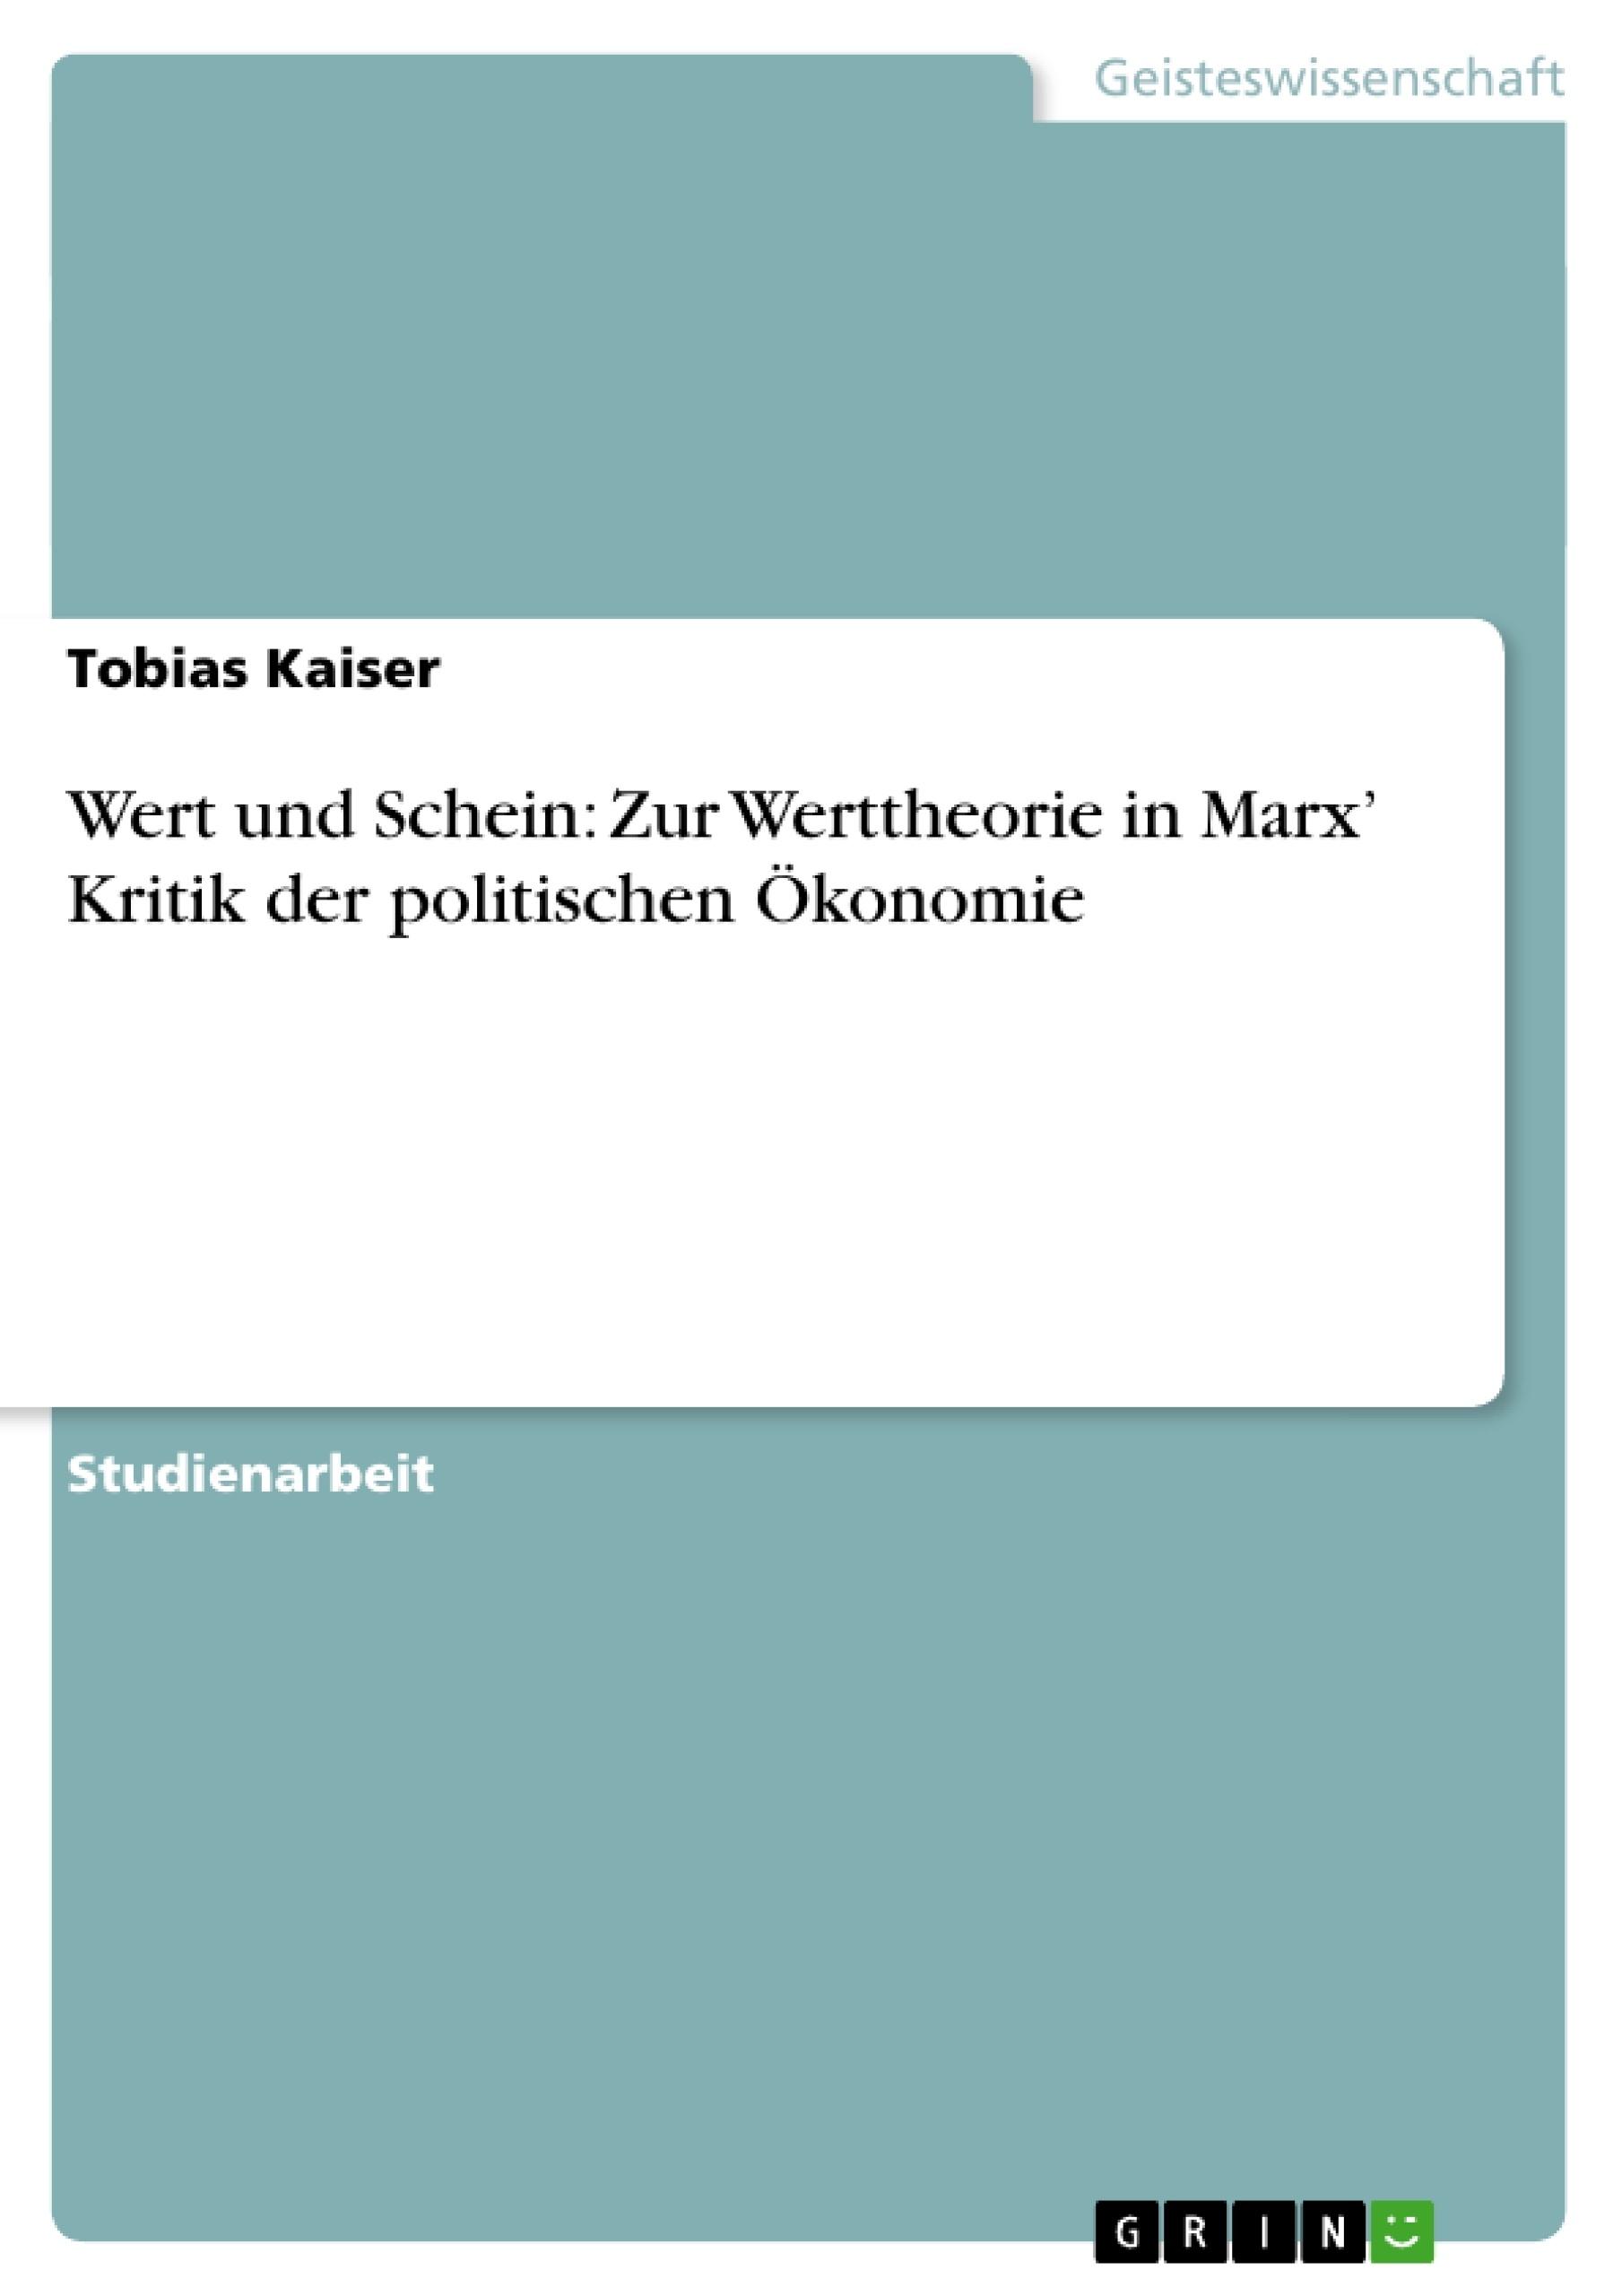 Titel: Wert und Schein: Zur Werttheorie in Marx' Kritik der politischen Ökonomie